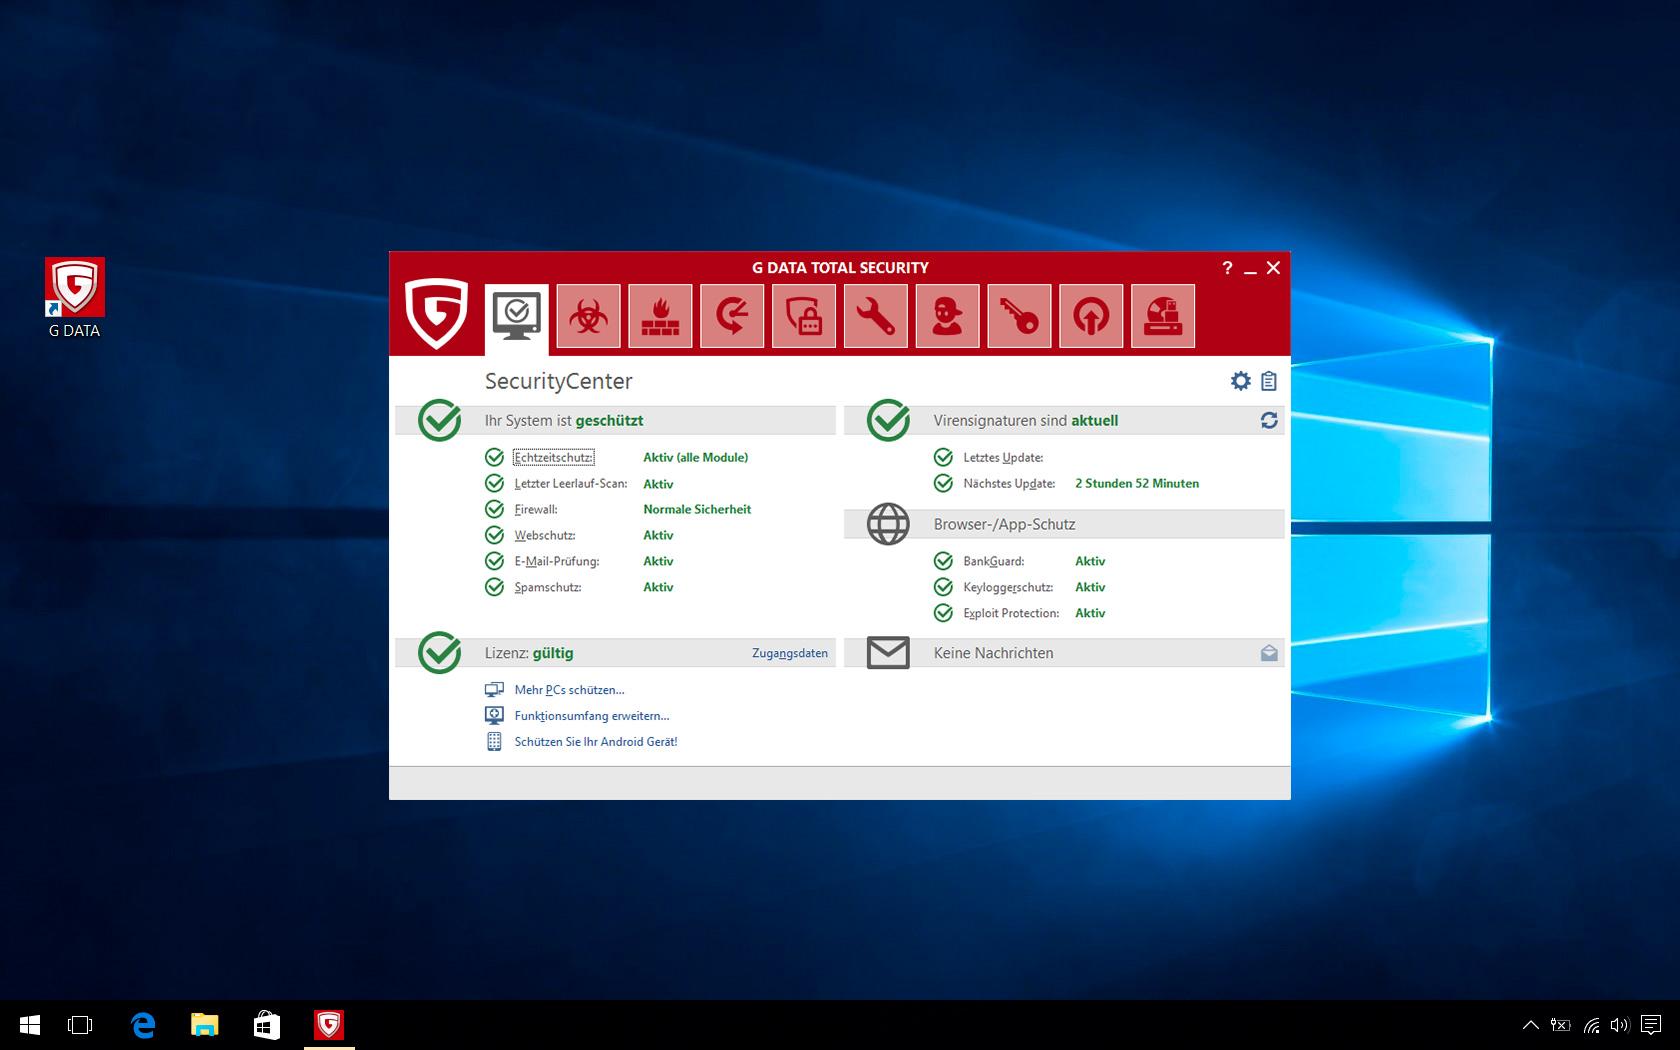 G_DATA_Screenshot_TS_2019_SecurityCenter.jpg